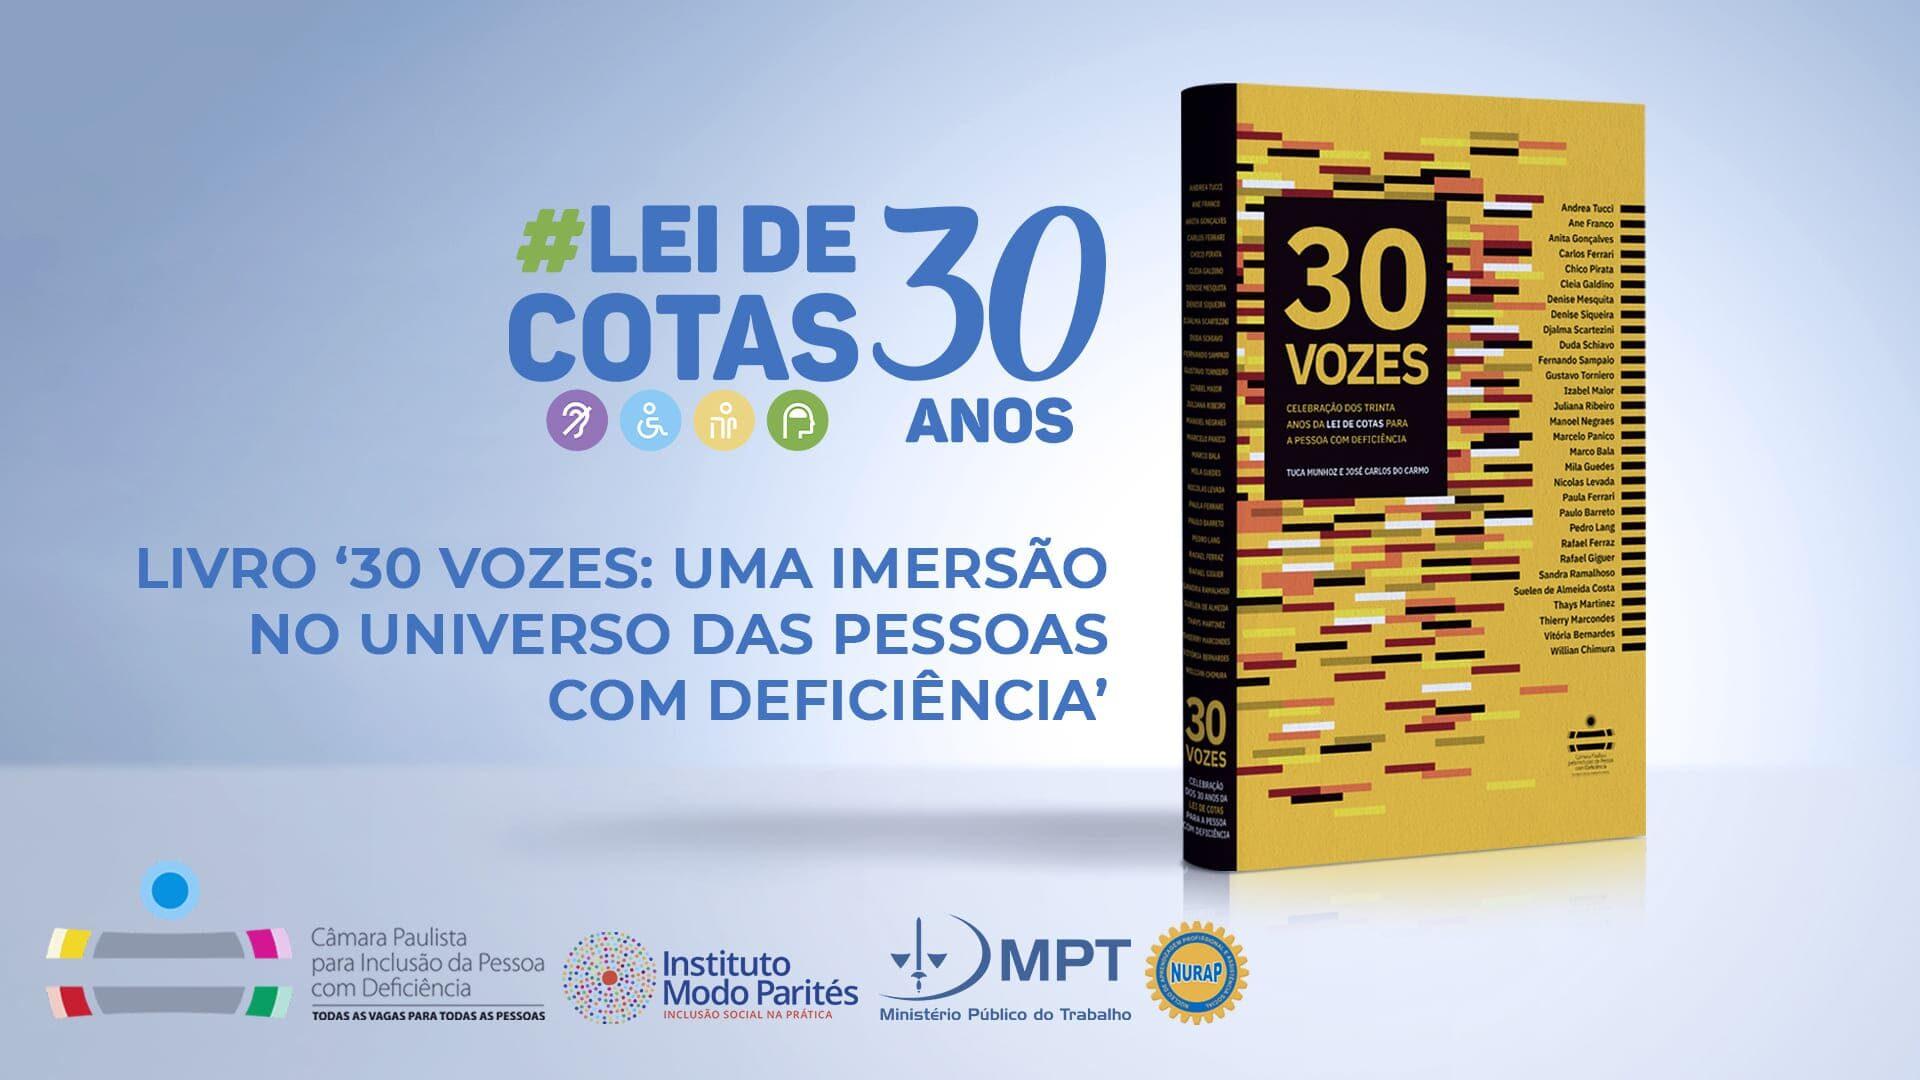 Arte com capa do Livro 30 Vozes, com foto, logotipos e texto detalhados na legenda.